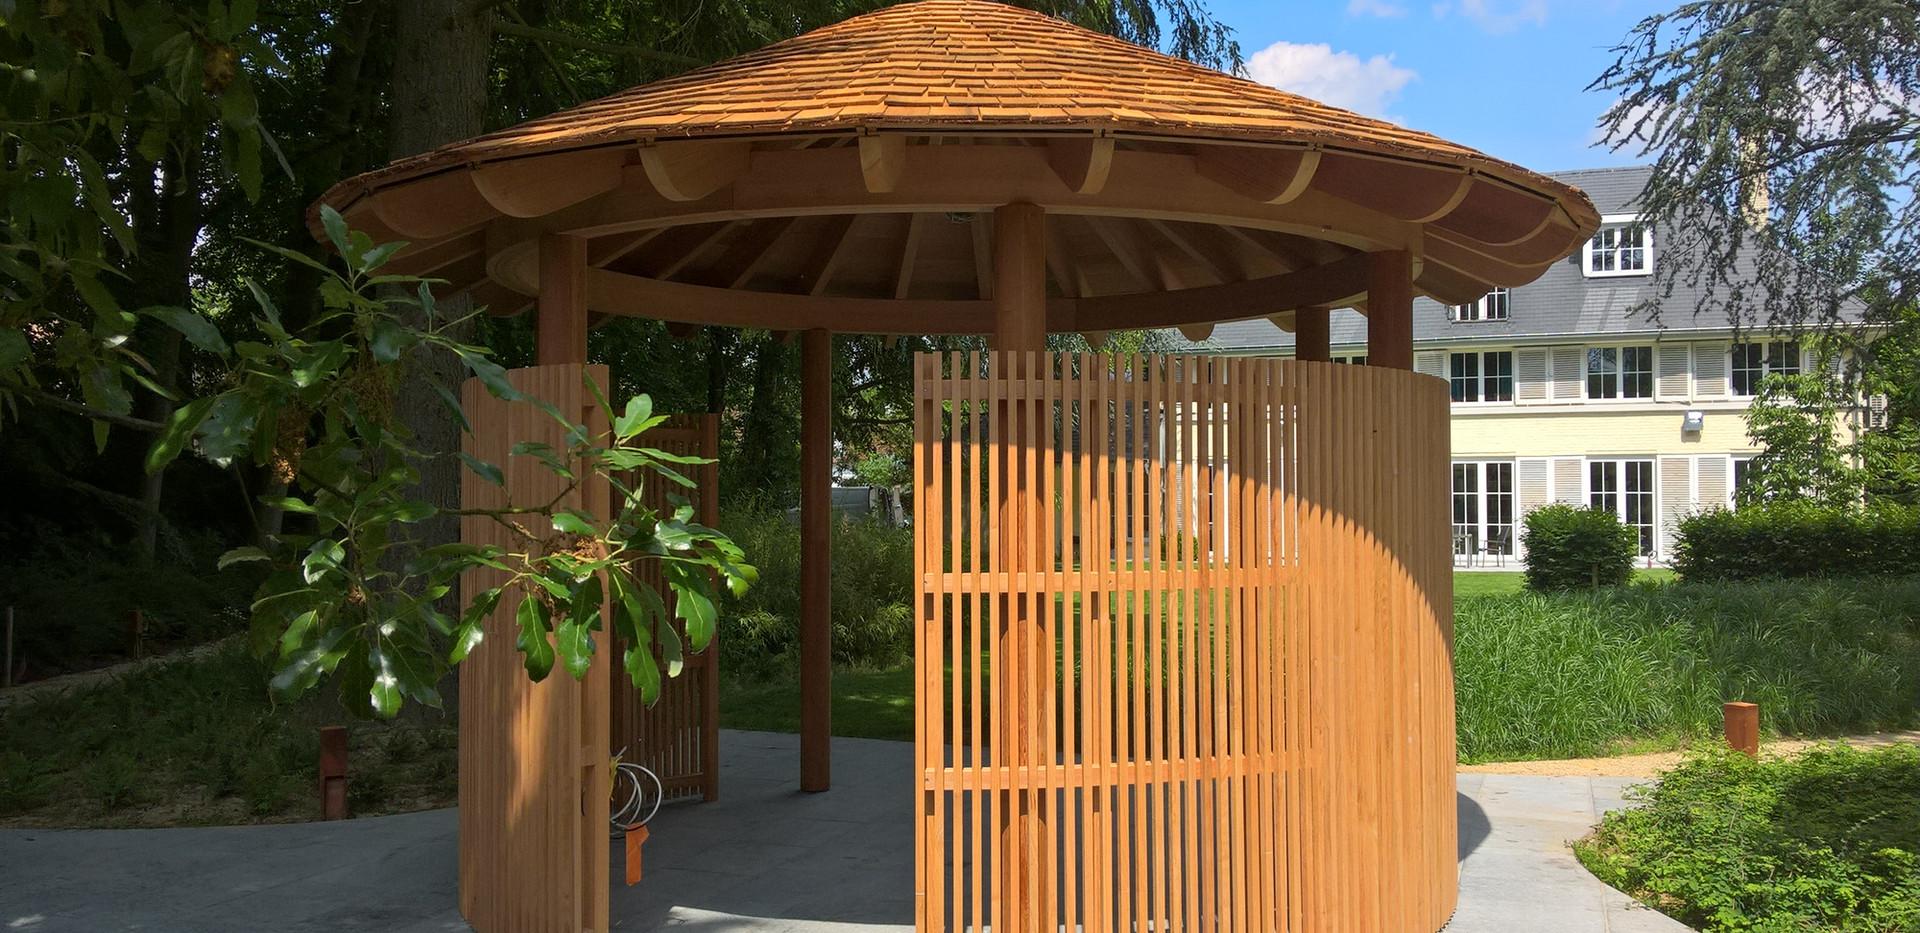 PeetersJef.be - Houten Paviljoen (1).jpg